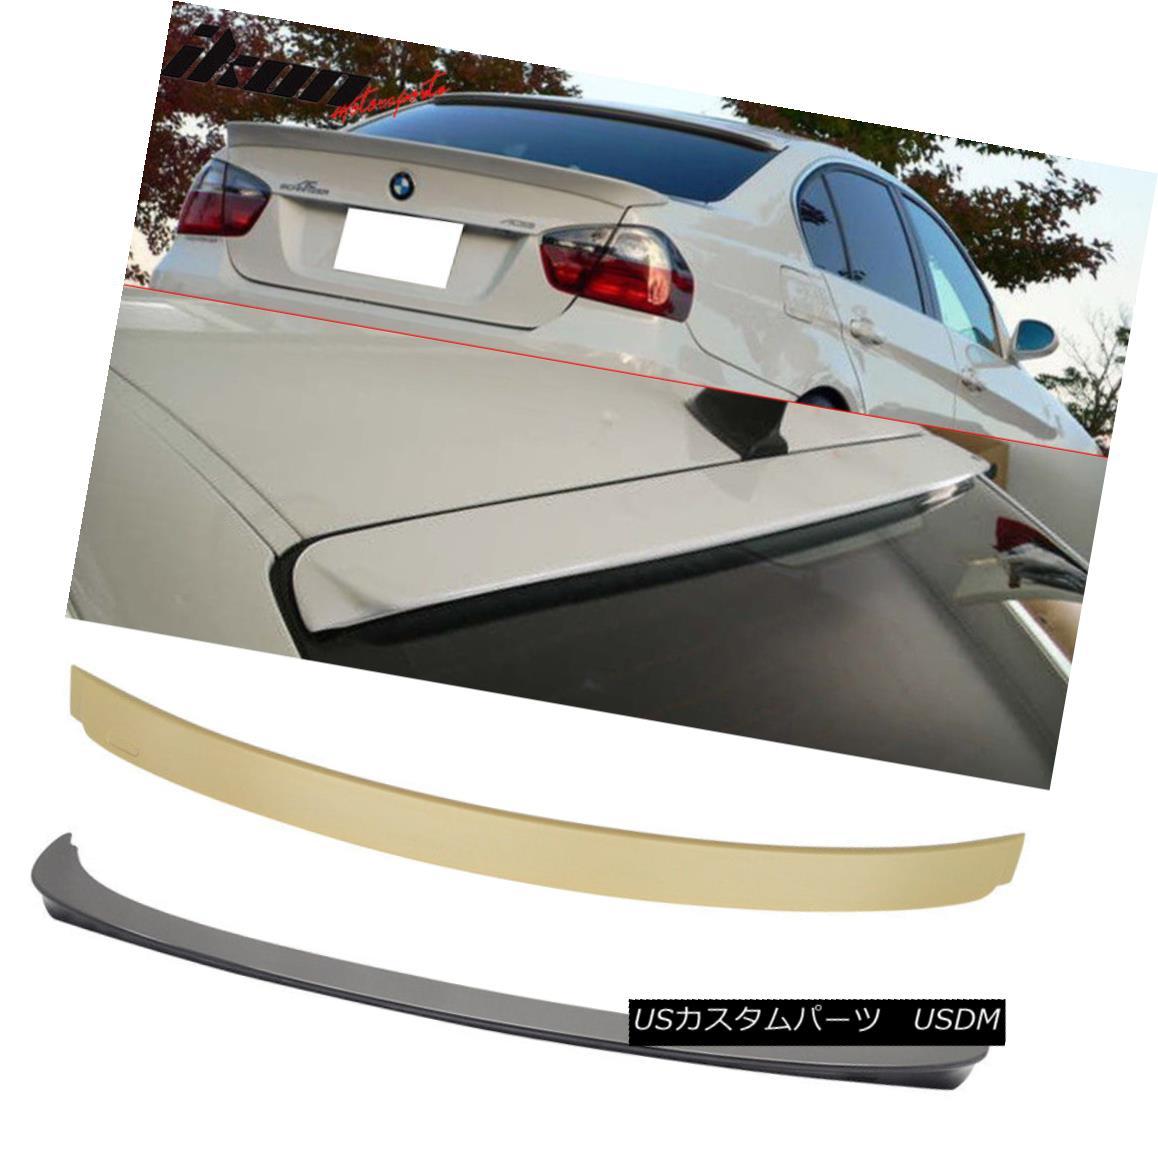 エアロパーツ Fits 06-11 BMW 3 Series E90 Sedan AC Style Trunk Spoiler & Roof Wing ABS フィット06-11 BMW 3シリーズE90セダンACスタイルトランクスポイラー& 屋根ウィングABS